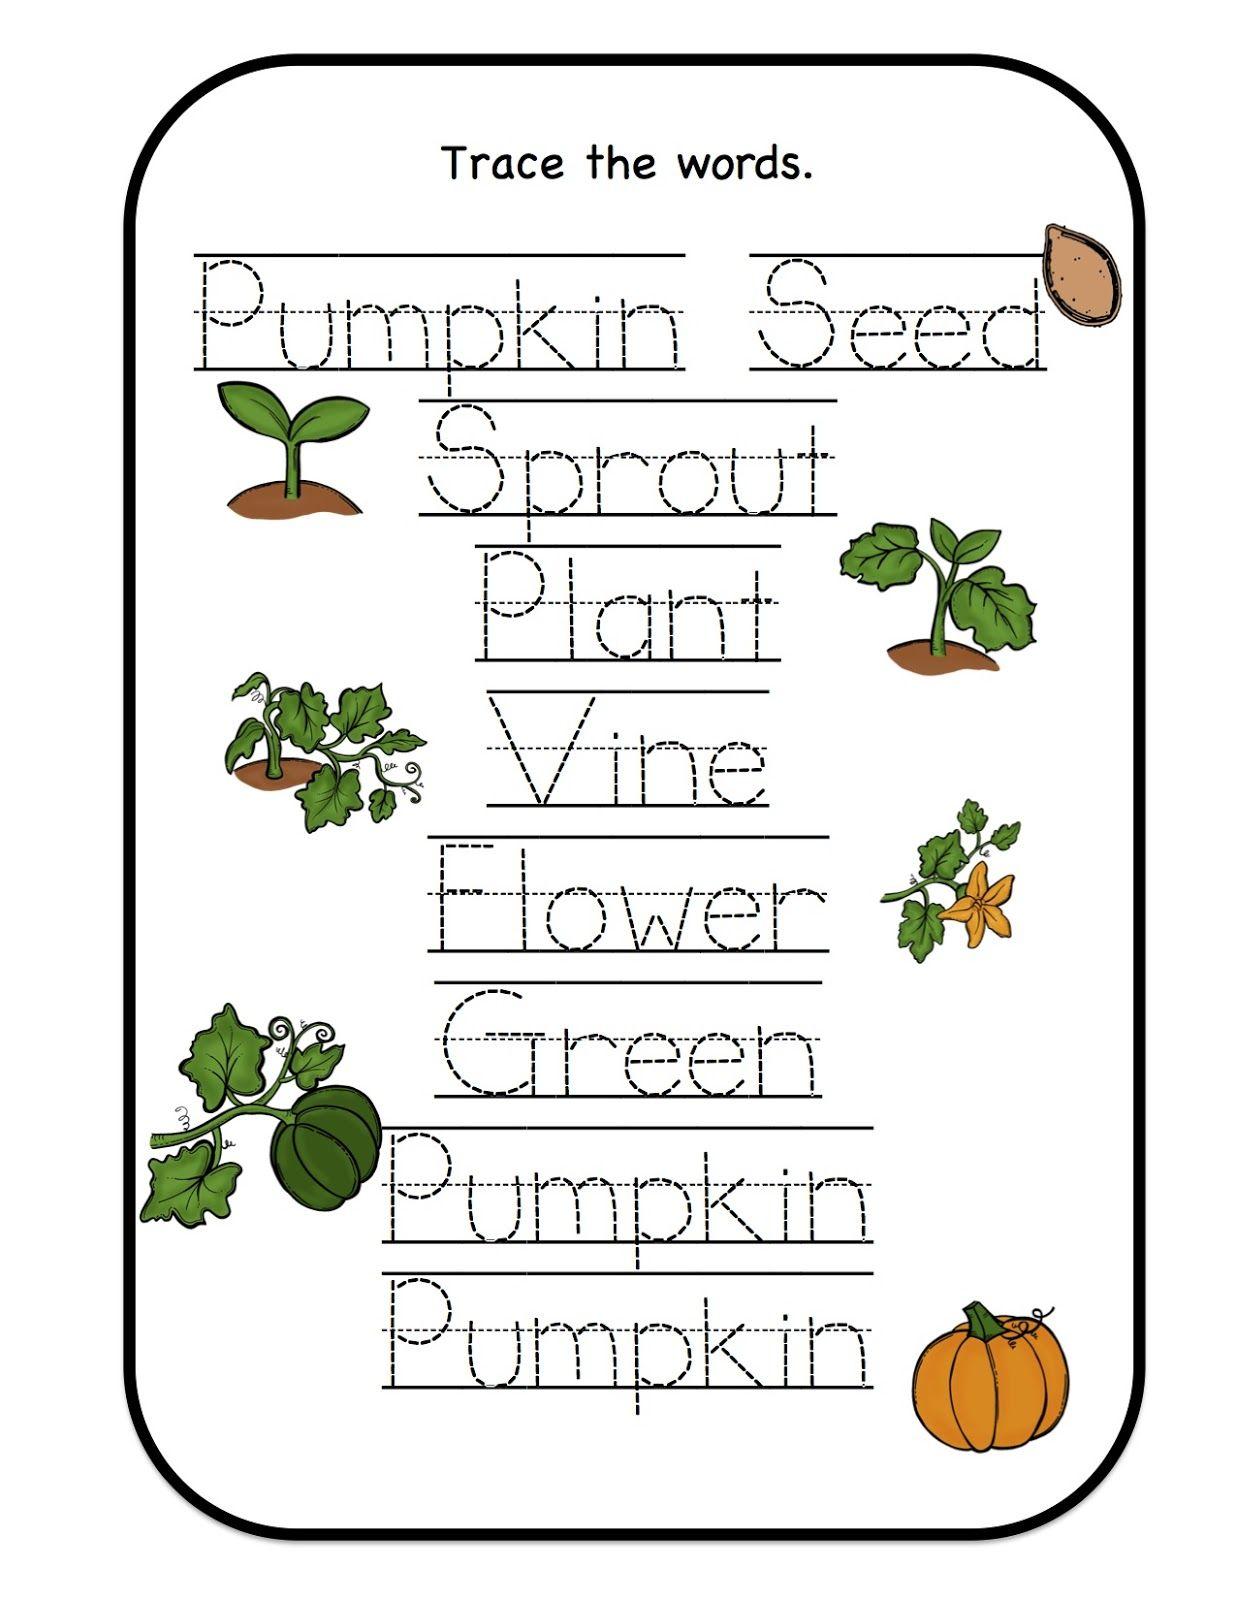 Preschool Printables Pumpkin Life Cycle Printable – Life Cycle of a Pumpkin Worksheet